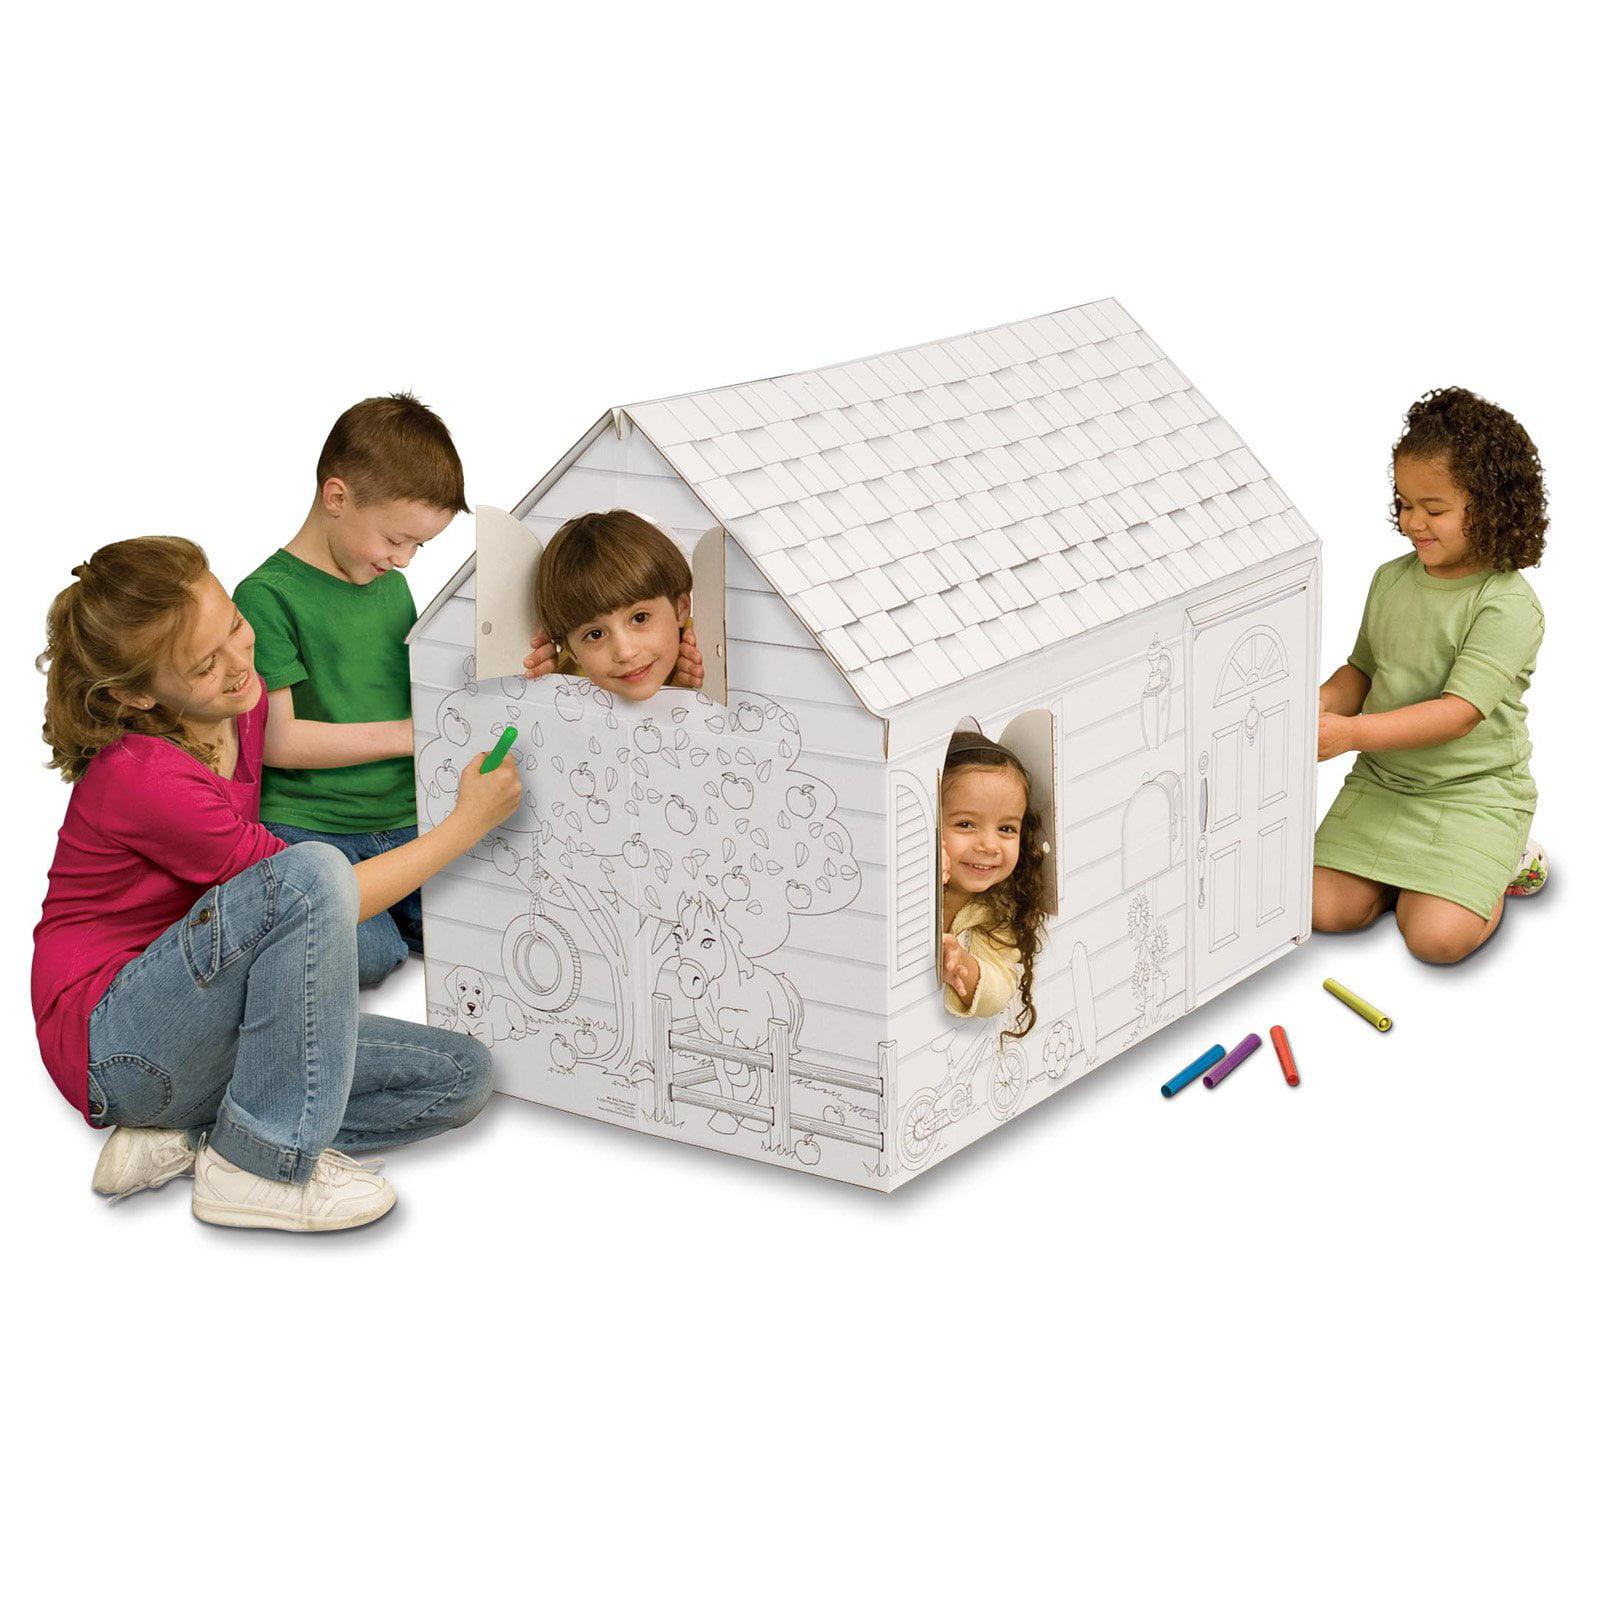 Pharmtec My Very Own Hide and Seek Cardboard Playhouse